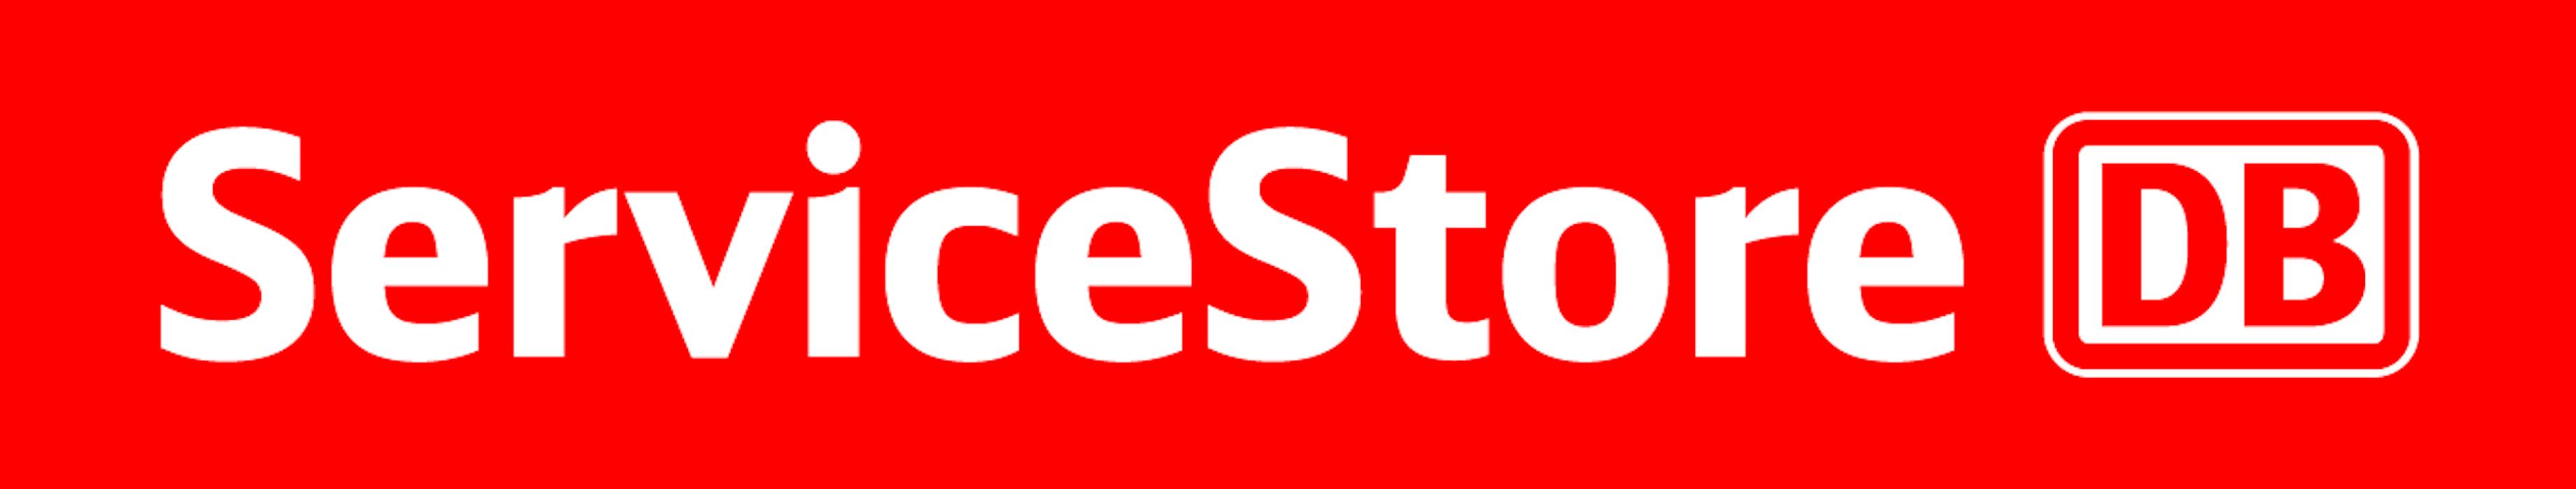 Logo von ServiceStore DB - Bahnhof Altenerding